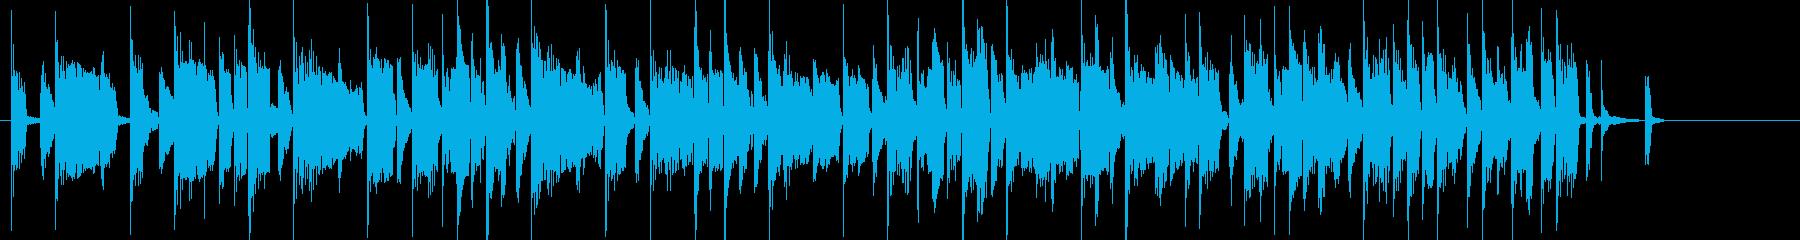 電子音が主役のポップなジングルの再生済みの波形